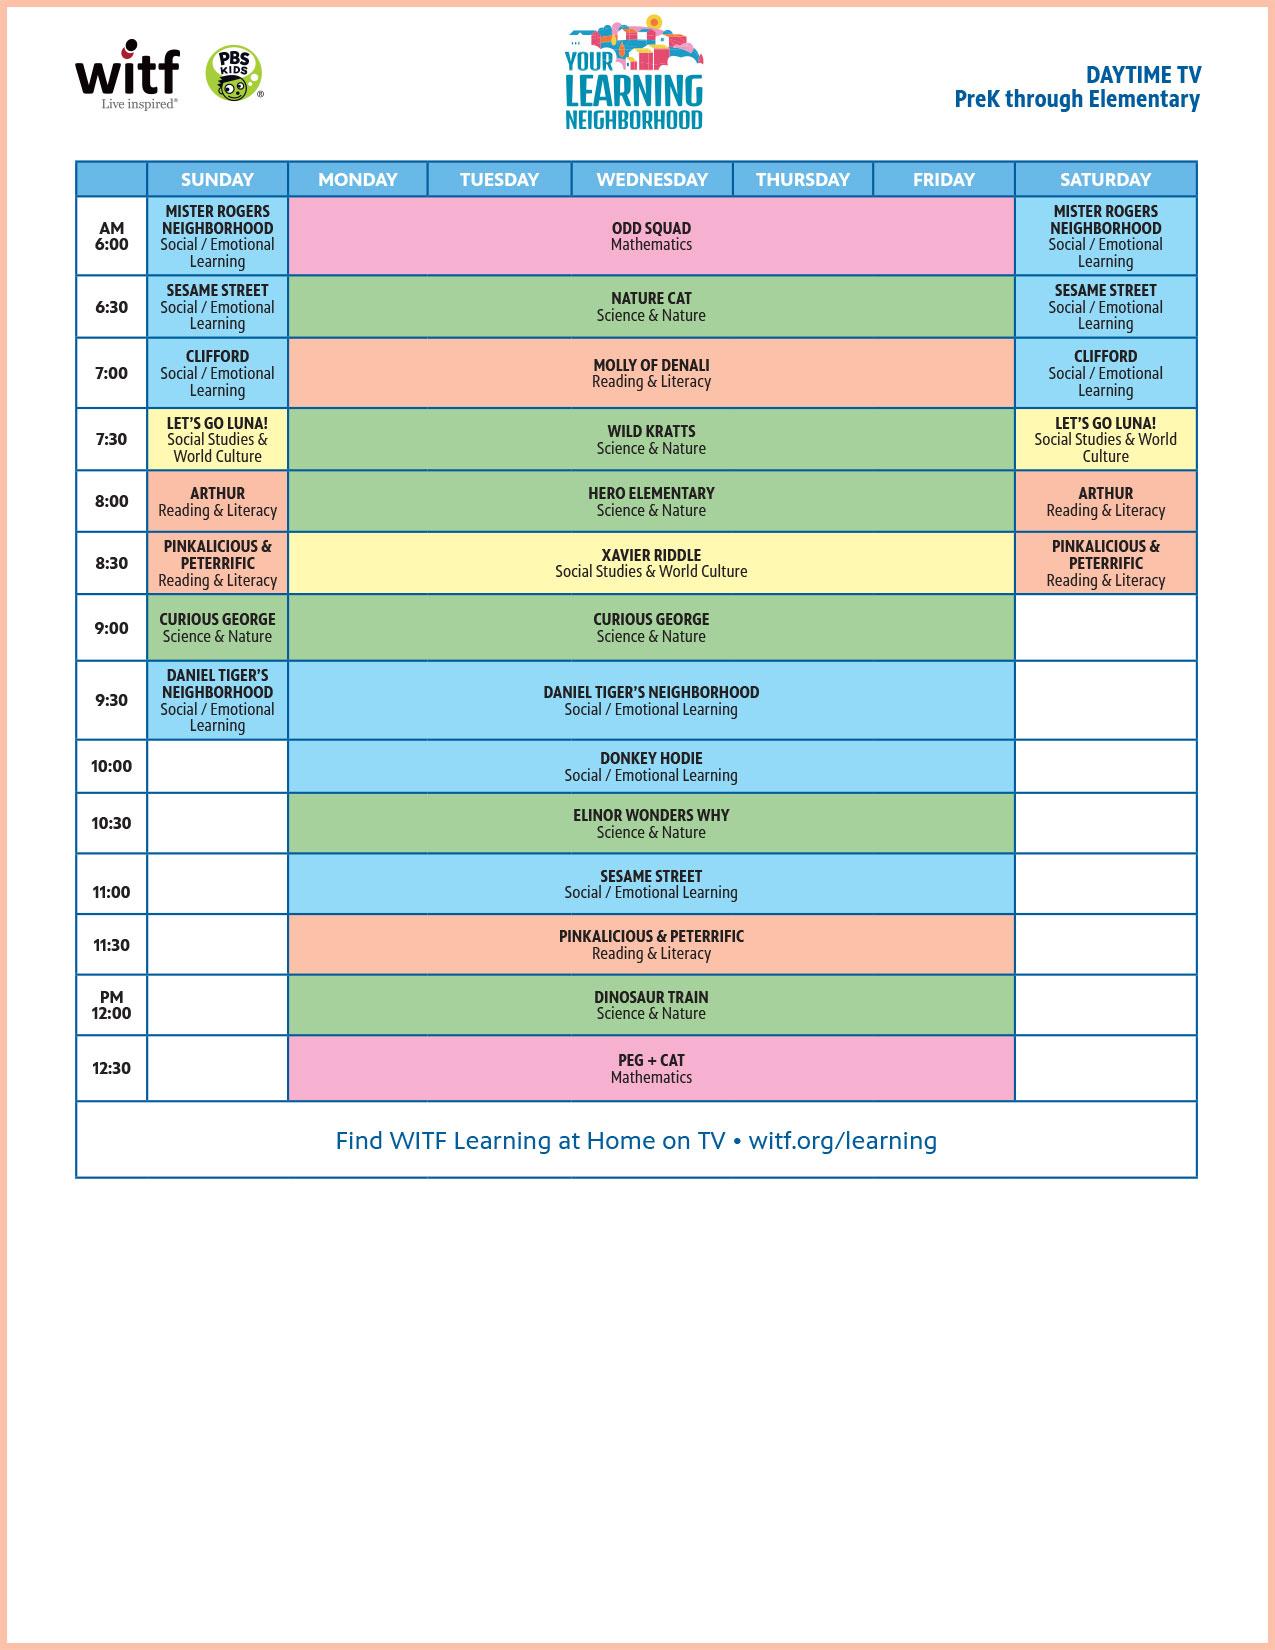 Daytime TV - PreK through Elementary Schedule